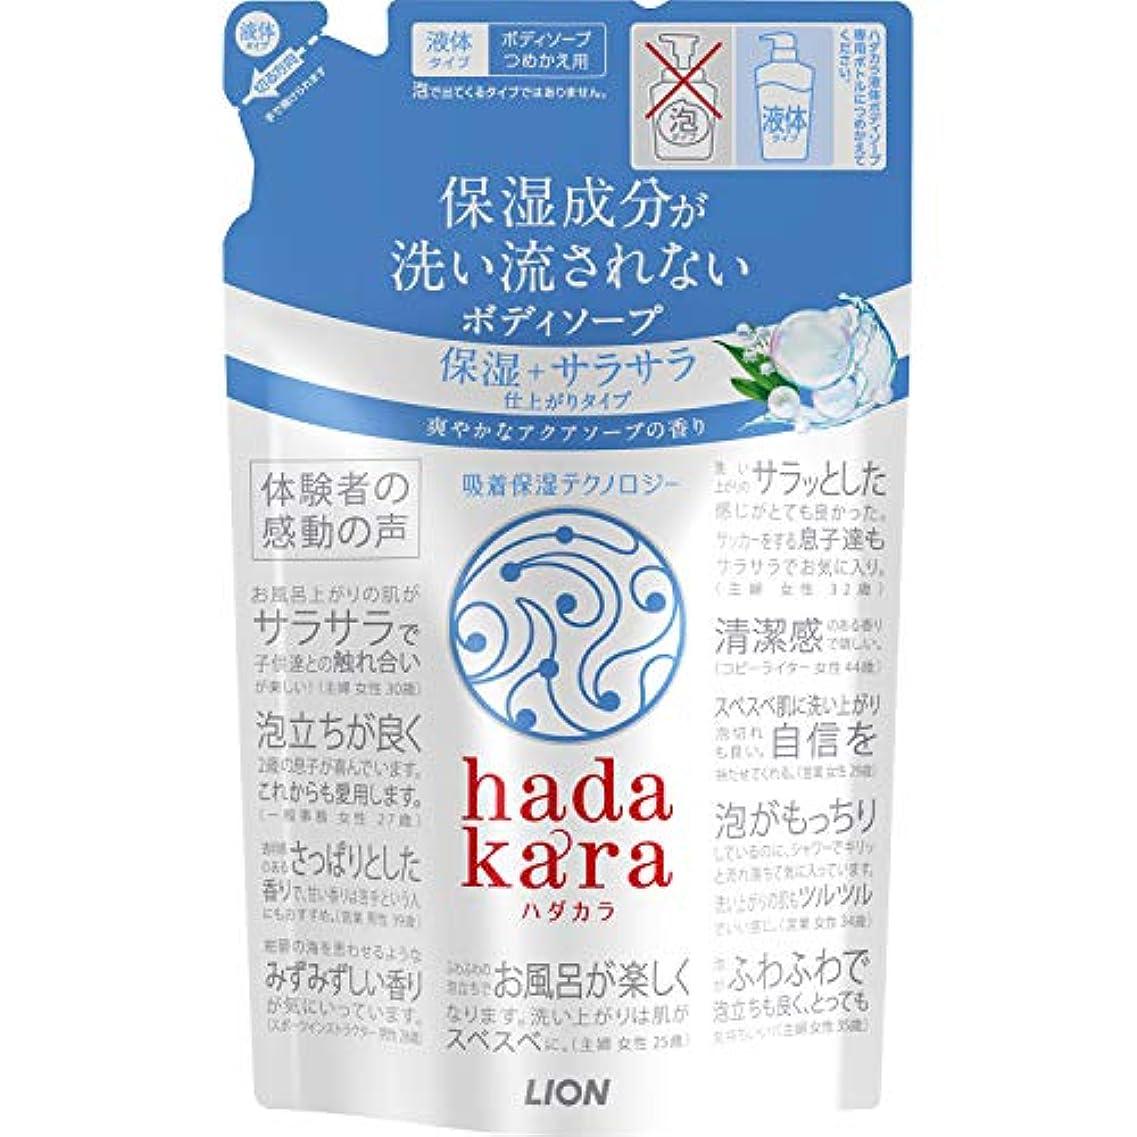 リムチーフゲージhadakara(ハダカラ) ボディソープ 保湿+サラサラ仕上がりタイプ アクアソープの香り 詰め替え 340ml